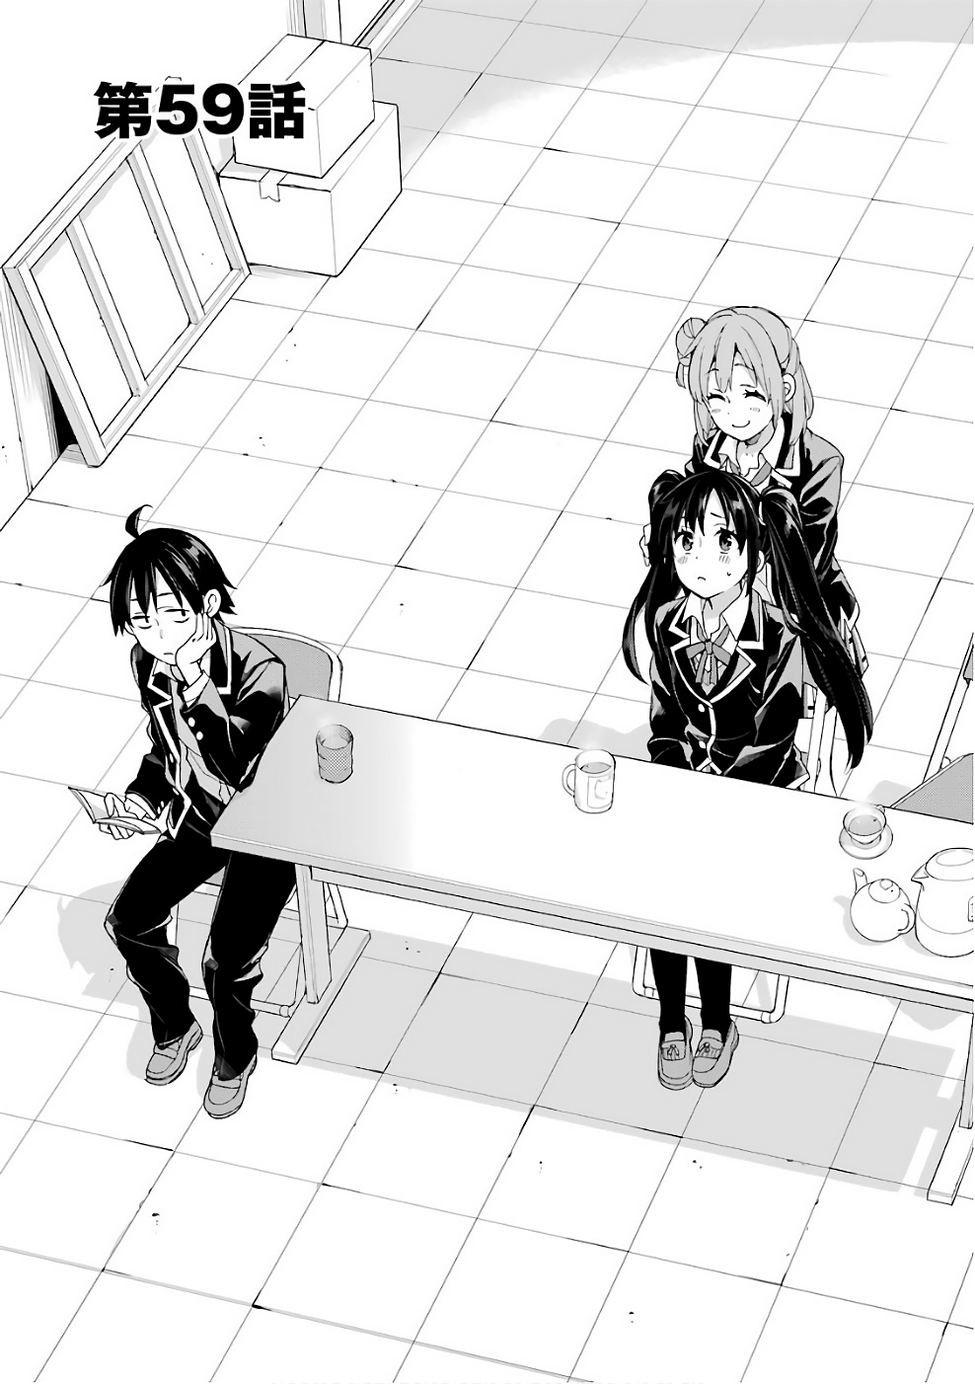 Yahari-Ore-no-Seishun-Love-Comedy-wa-Machigatte-Iru-Monologue Chapter 59 Page 1